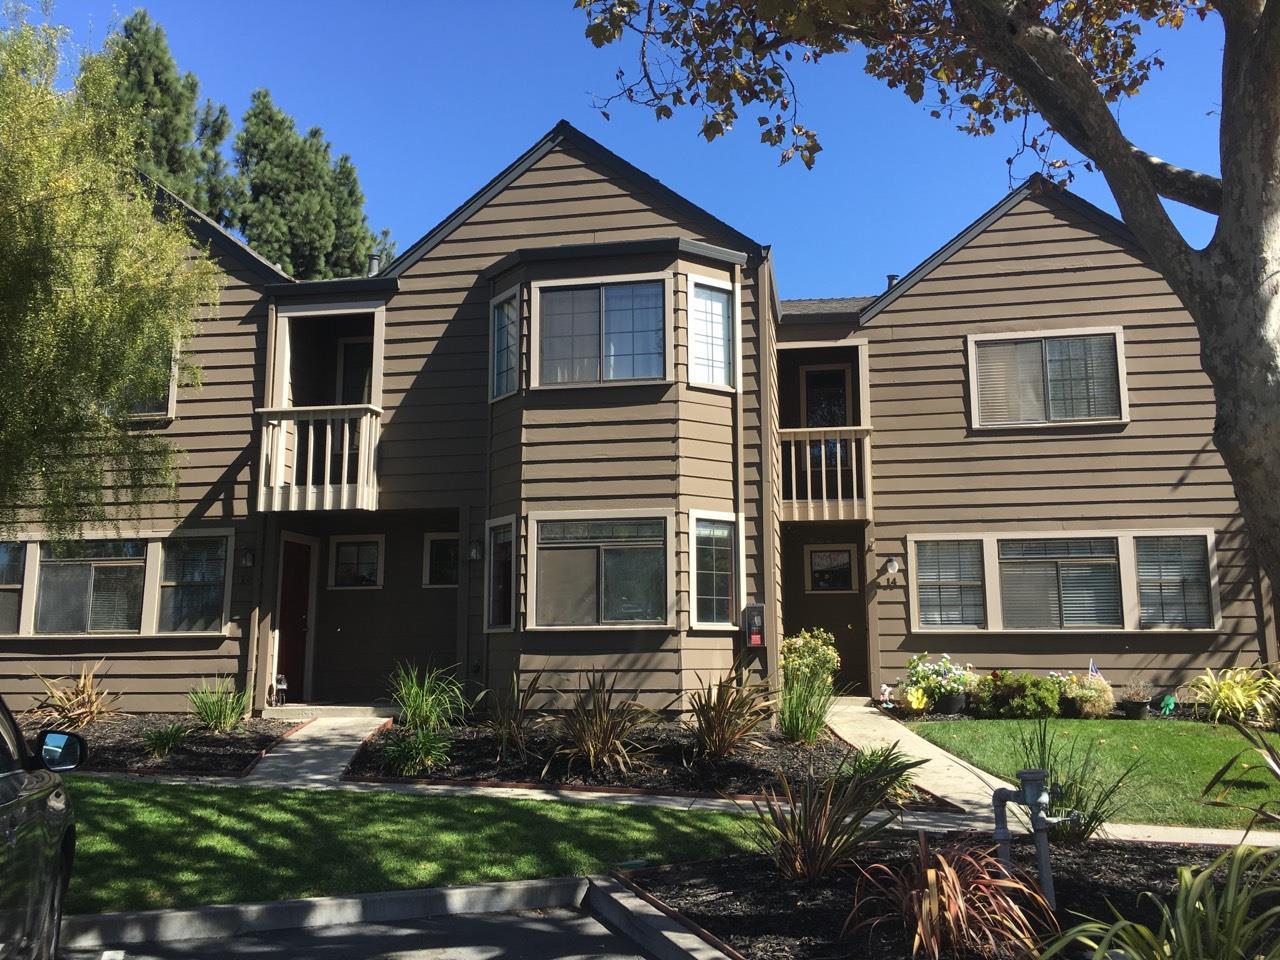 Casa unifamiliar adosada (Townhouse) por un Venta en 140 Gibson Drive 140 Gibson Drive Hollister, California 95023 Estados Unidos